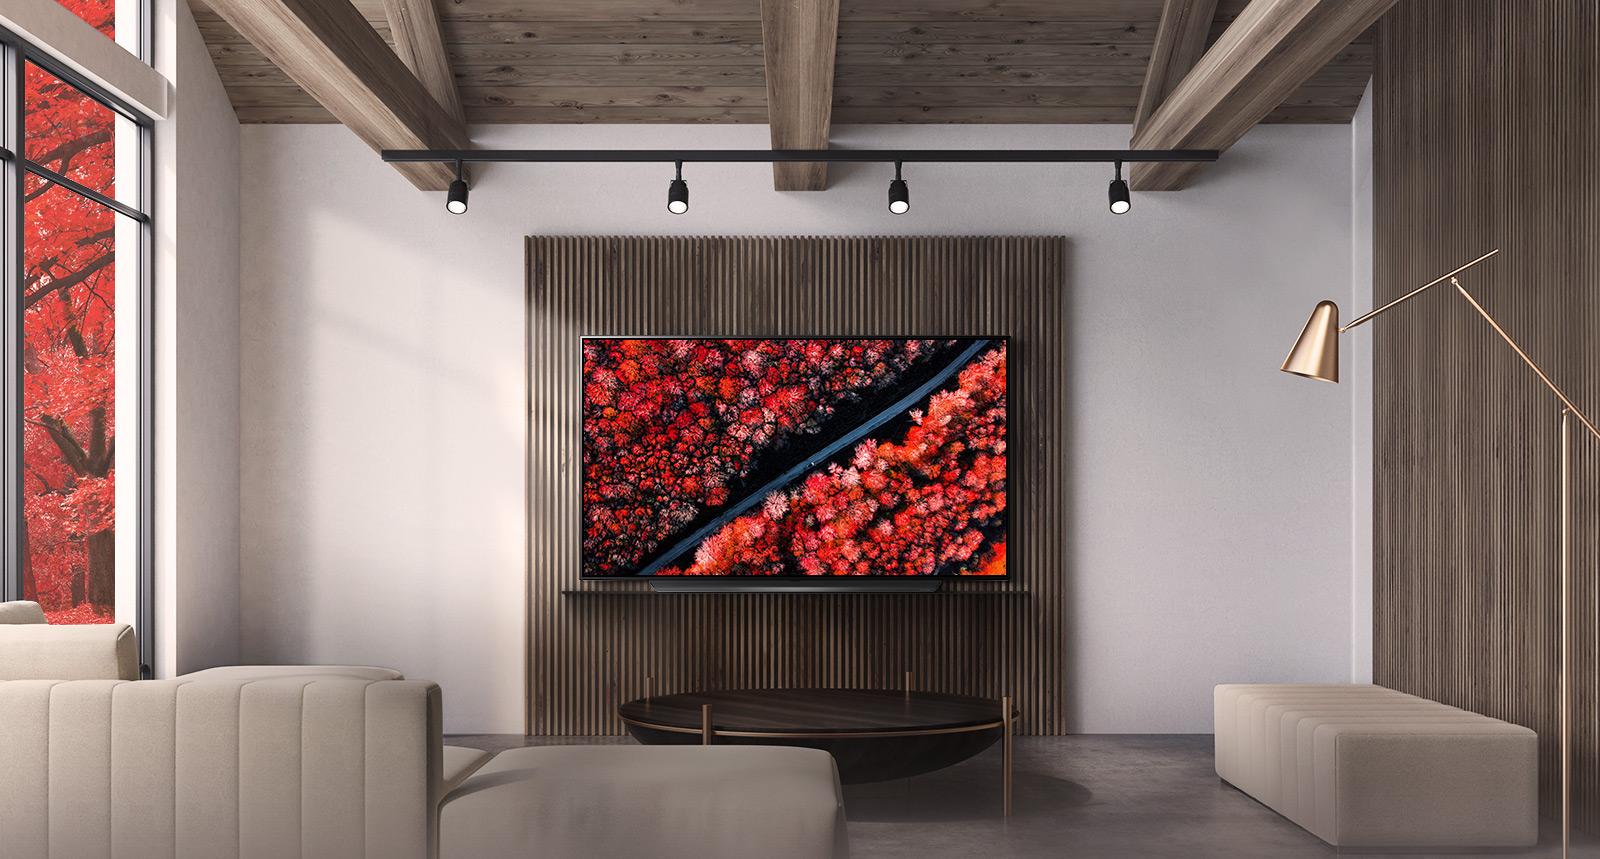 OLED65C9PTA_OLED_TVS_Design_D